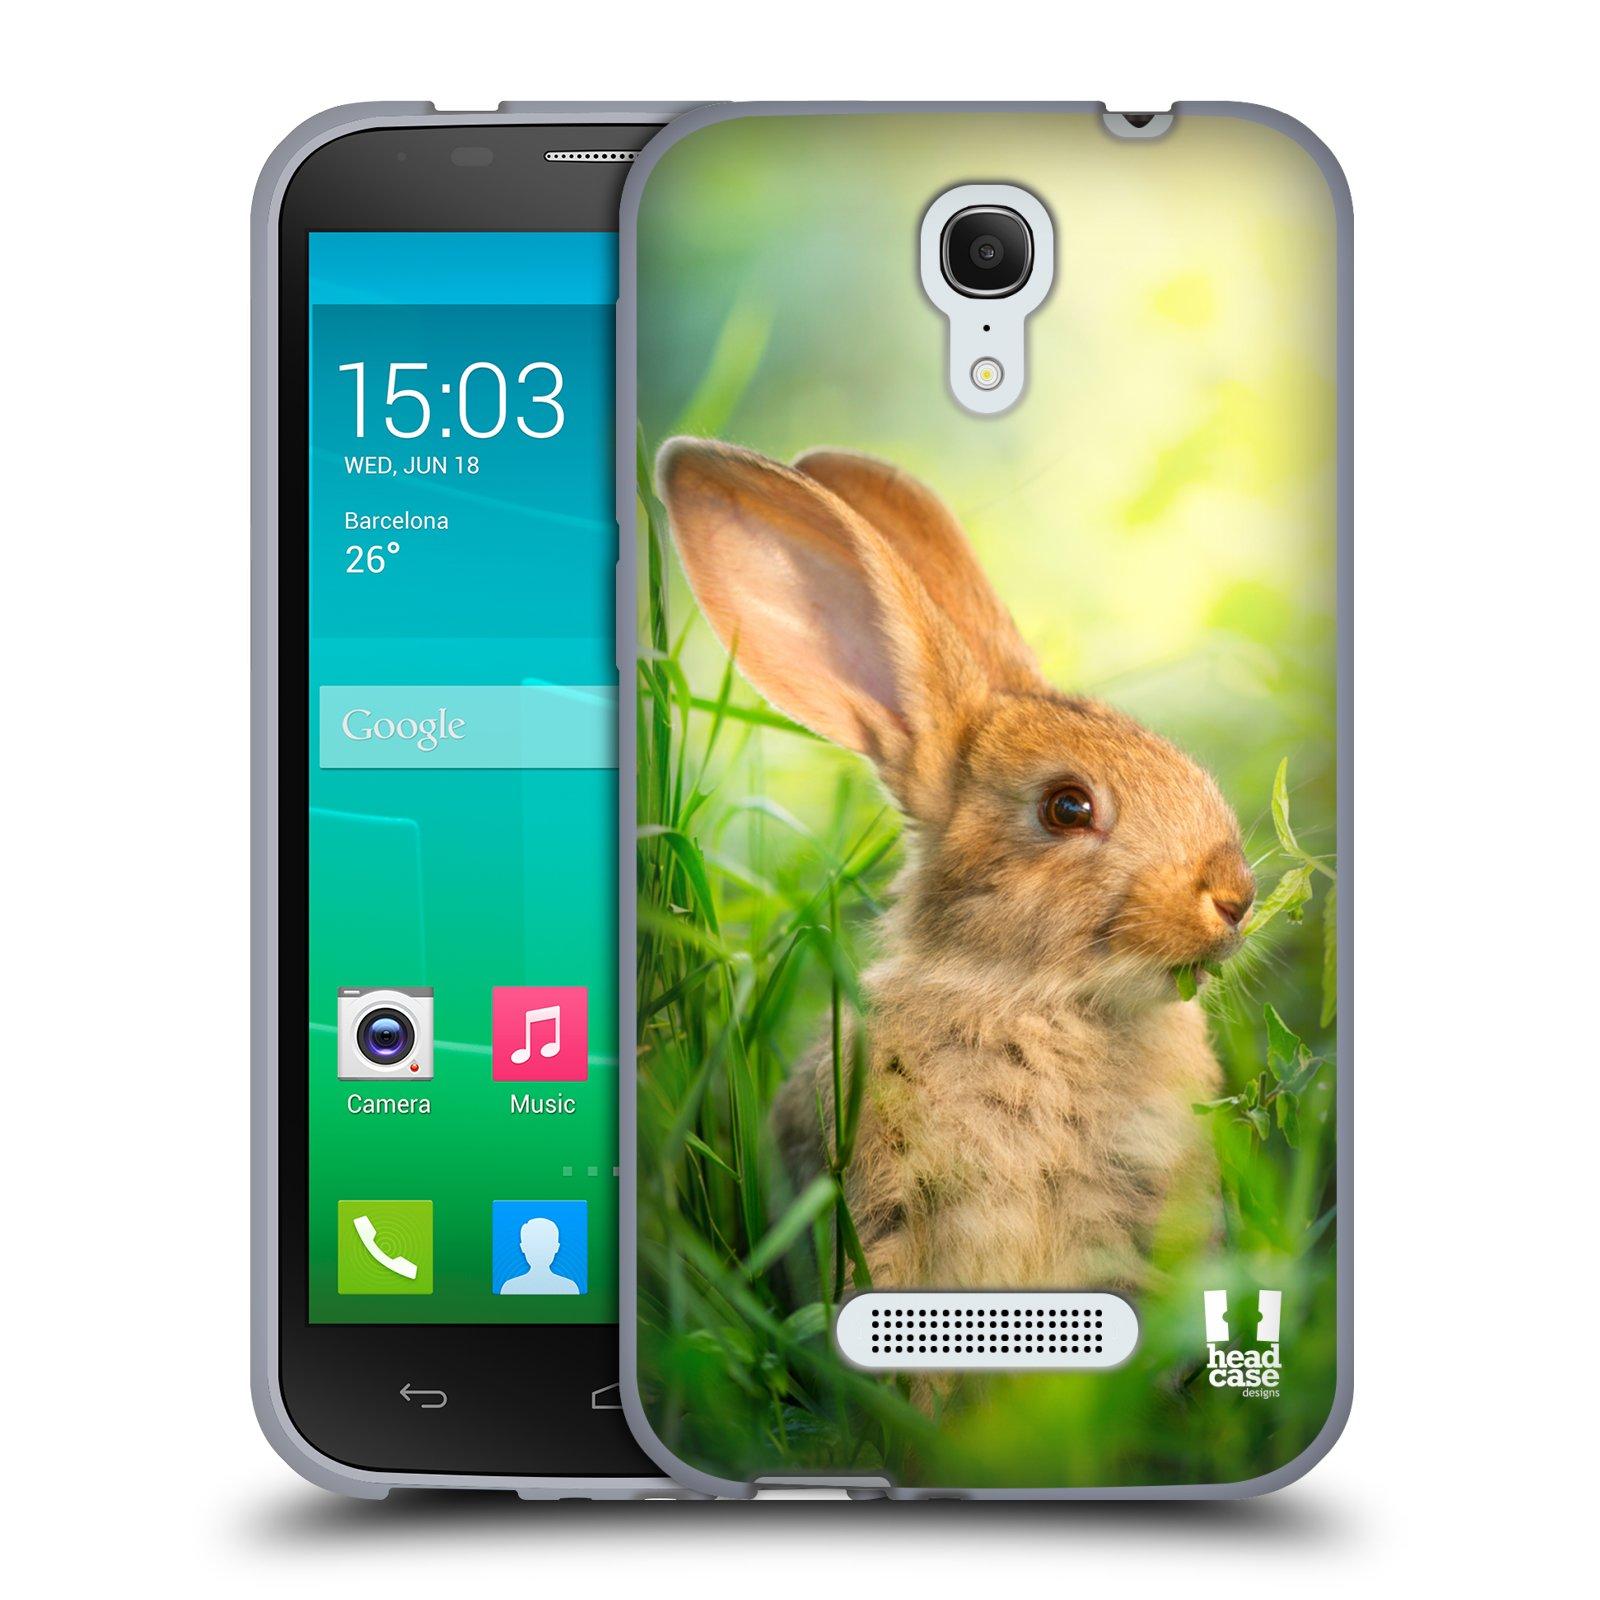 HEAD CASE silikonový obal na mobil Alcatel POP S7 vzor Divočina, Divoký život a zvířata foto ZAJÍČEK V TRÁVĚ ZELENÁ